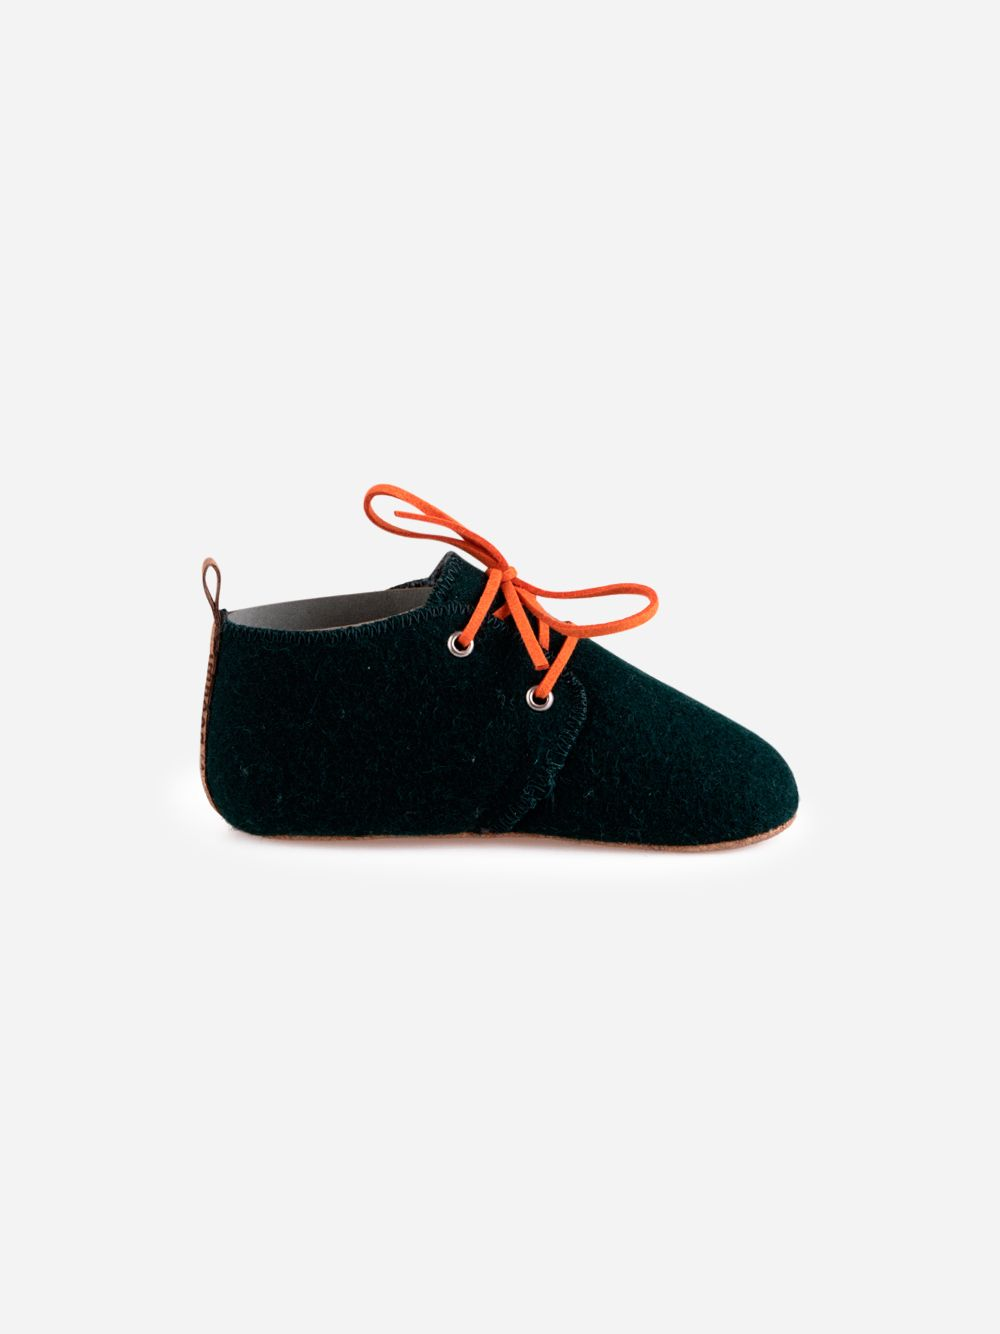 Dark Green Mookie Shoe   Noogmi